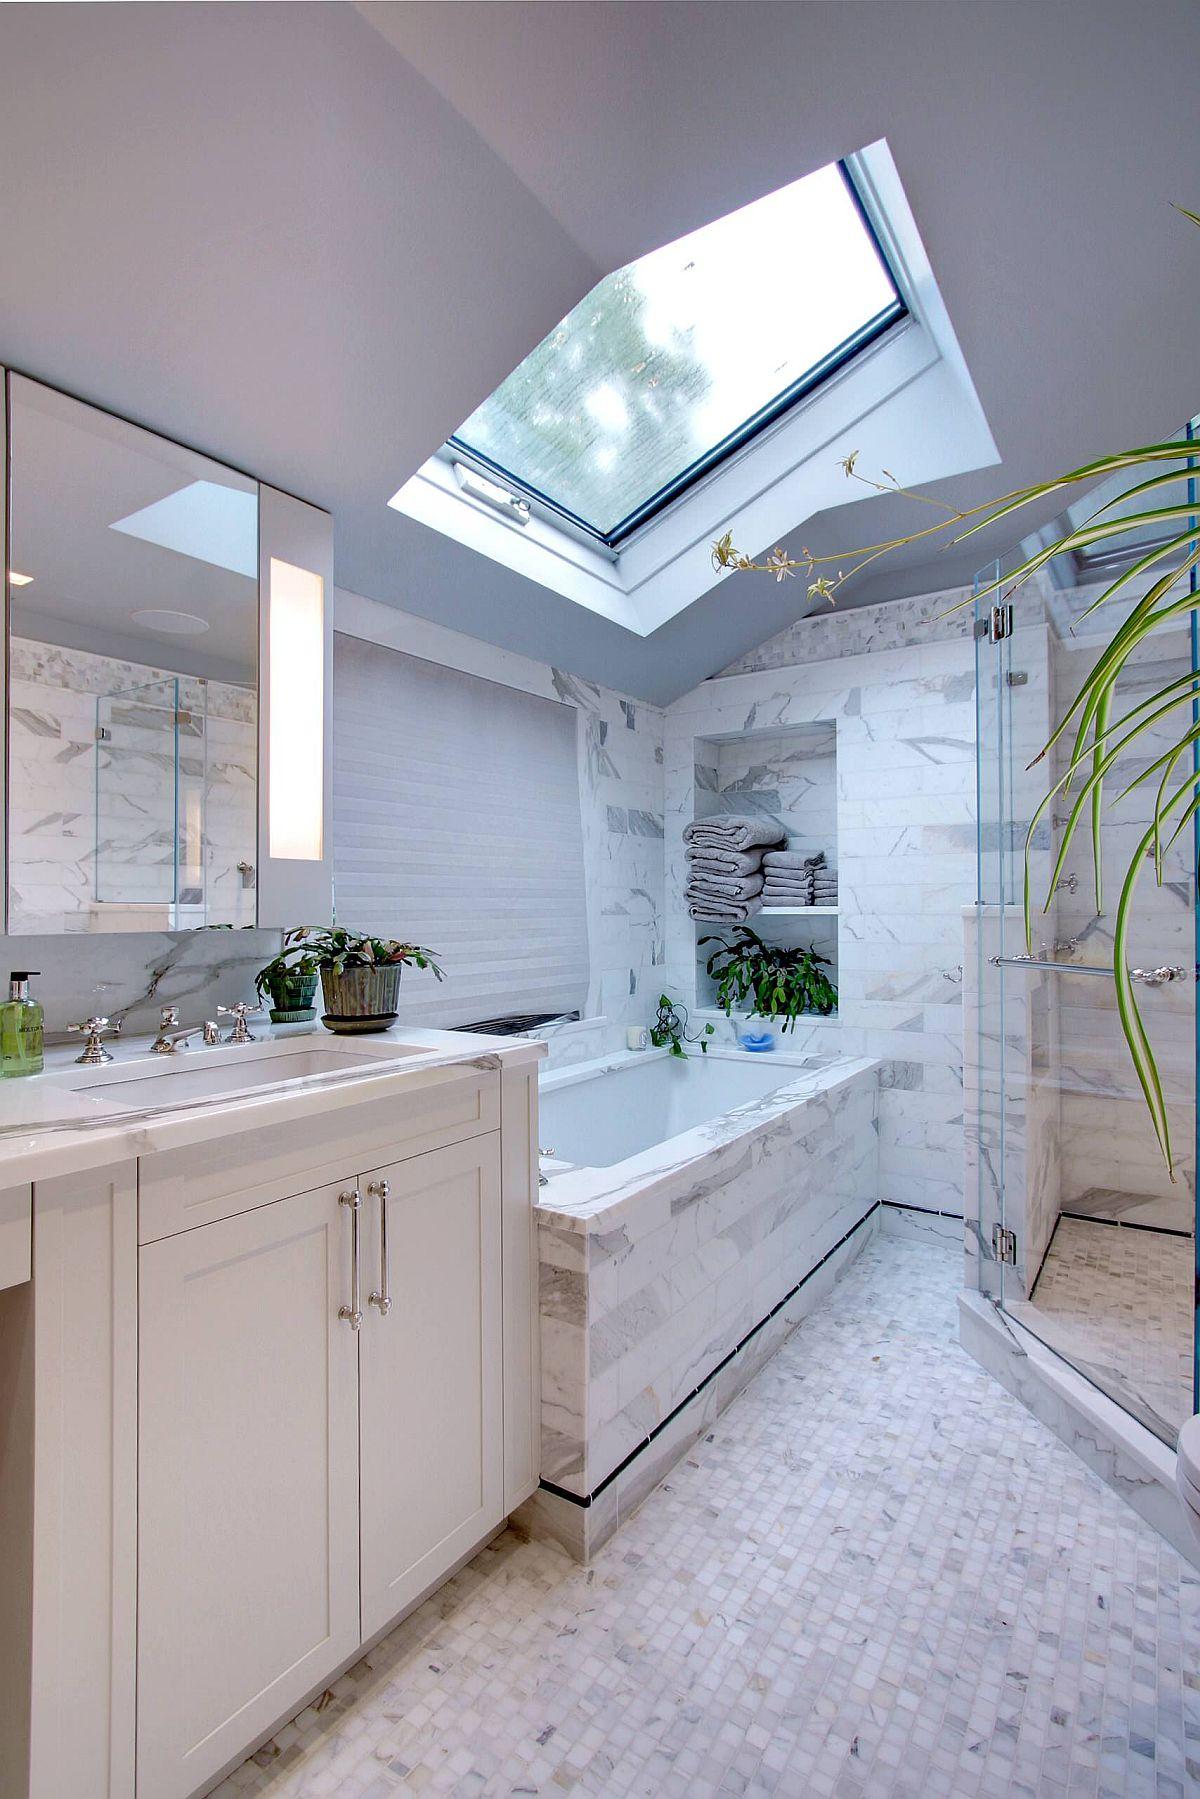 Skylight-illuminates-this-contemporary-bathroom-beautifully-96536